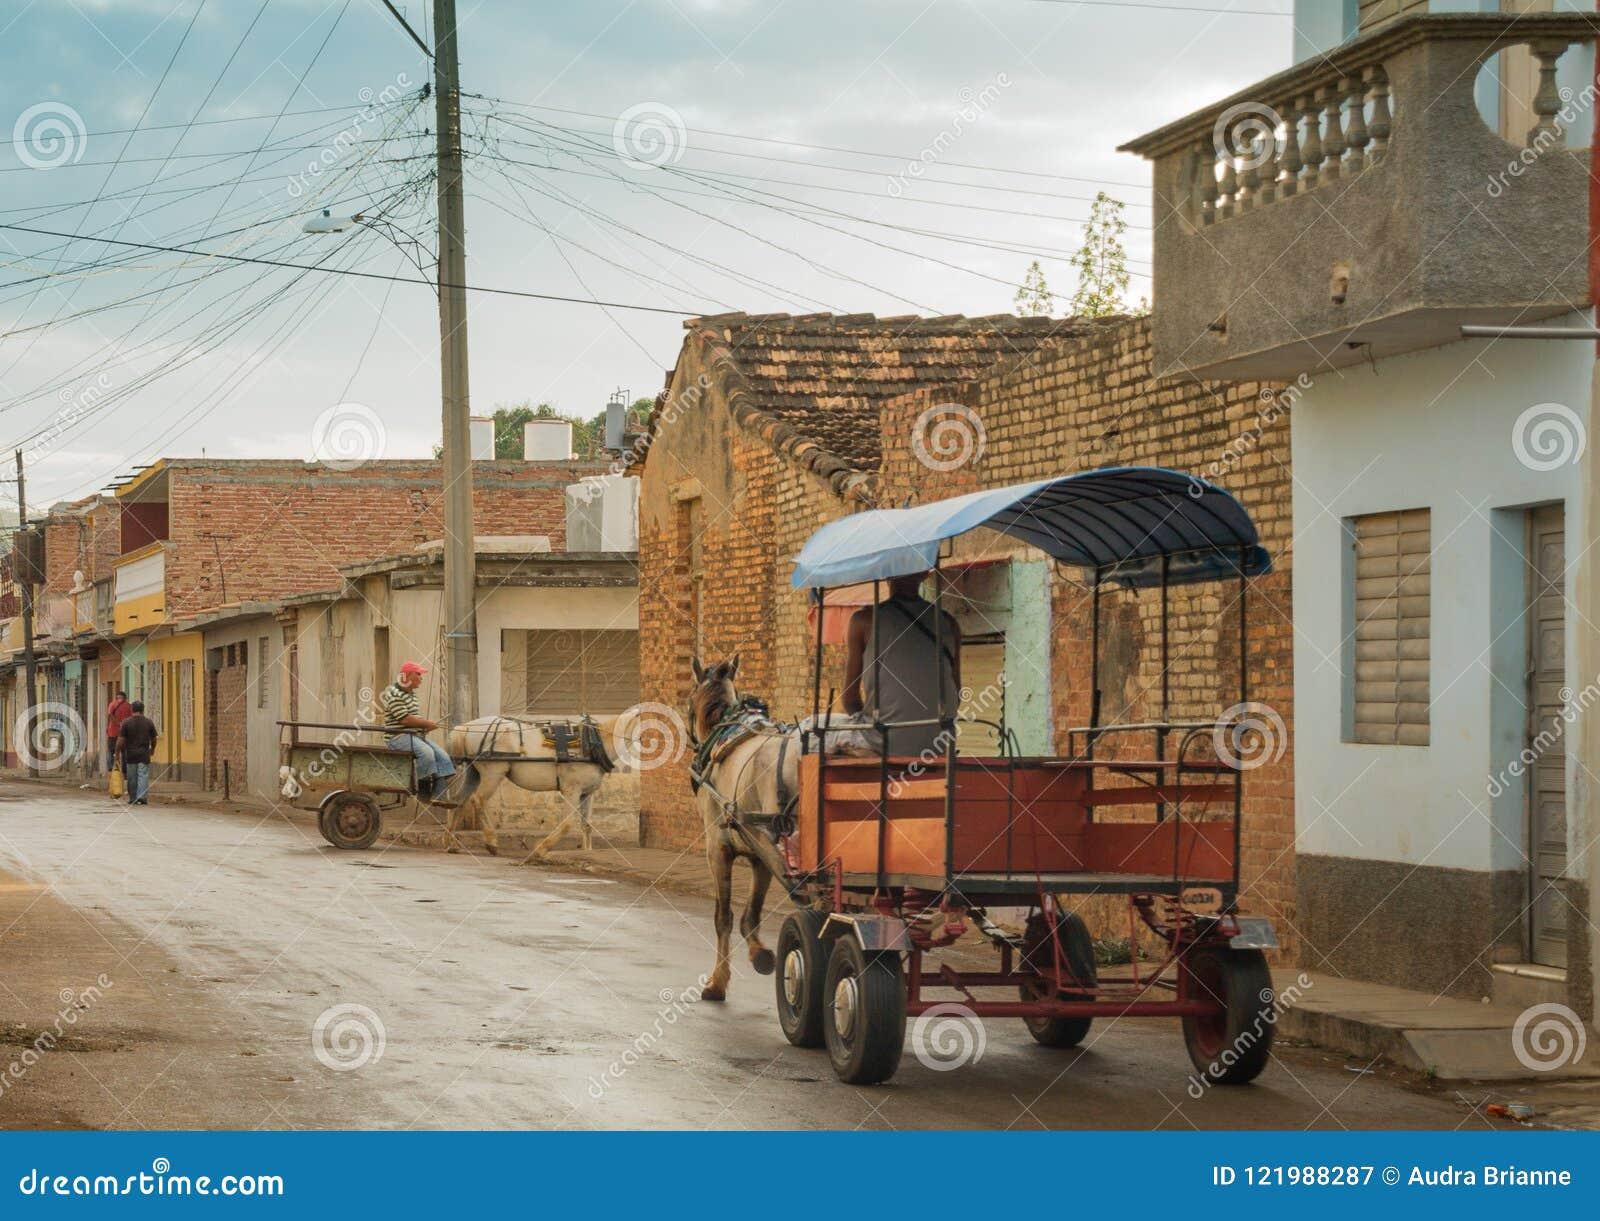 Δύο συρμένες άλογο μεταφορές παράδοσης στις οδούς του Τρινιδάδ, Κούβα